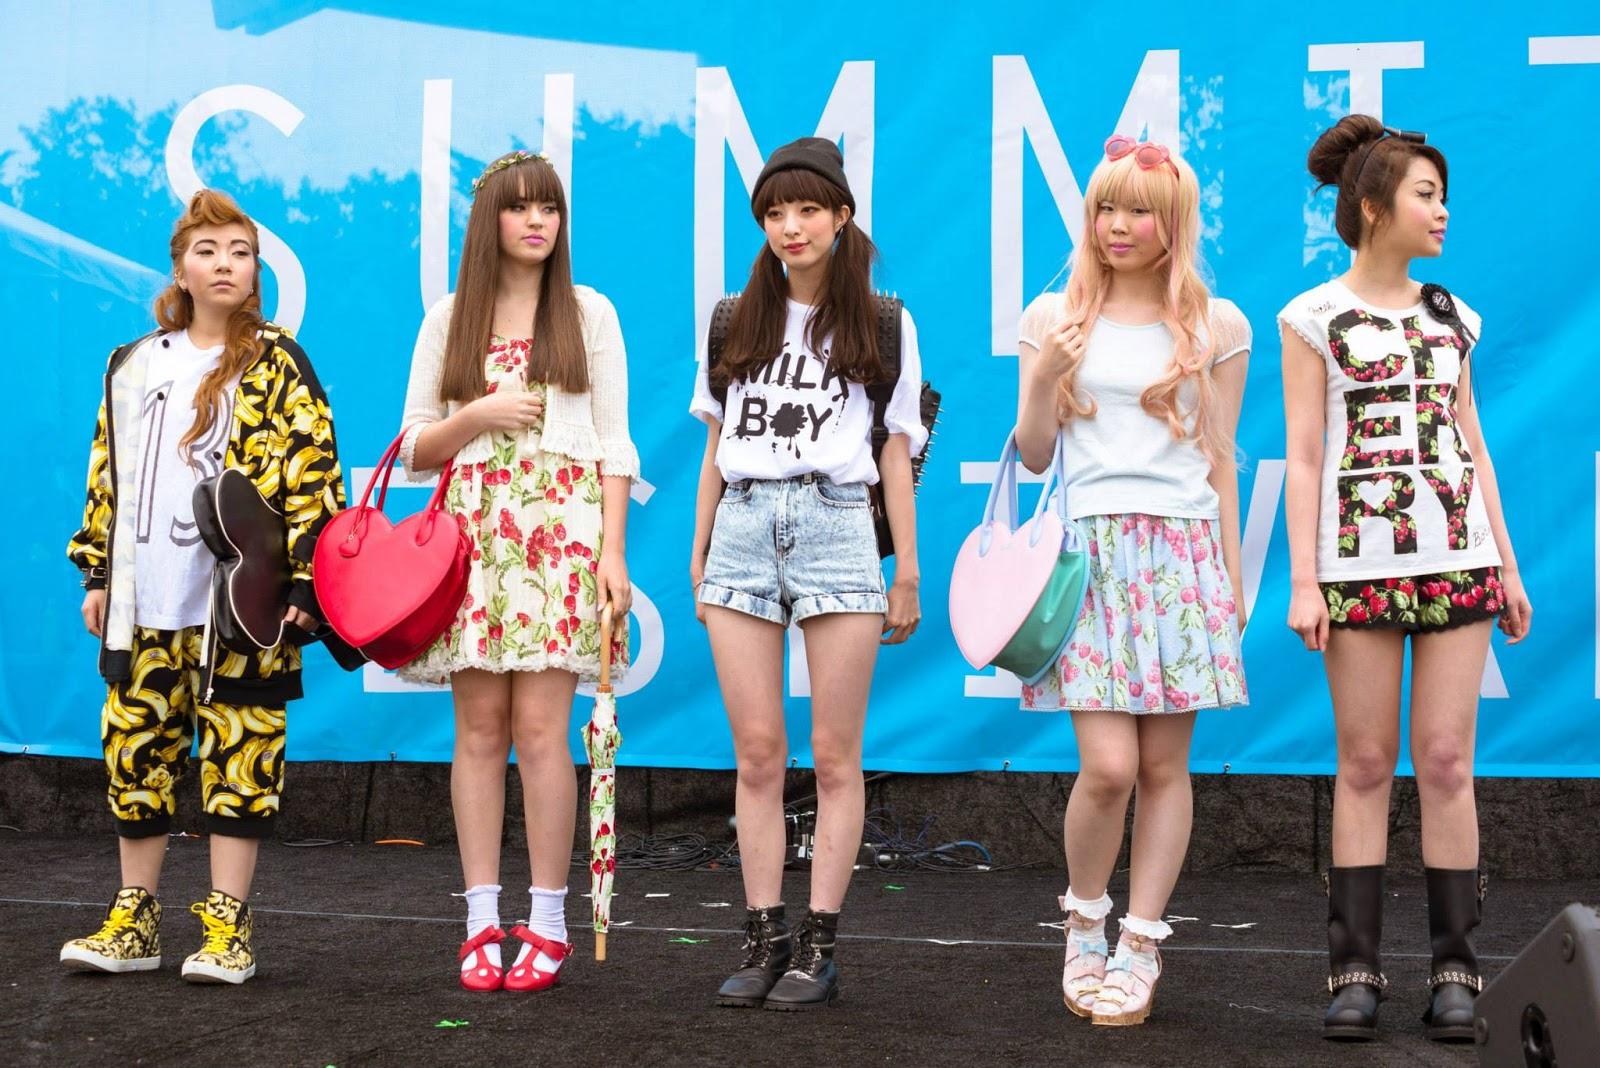 j pop summit, san francisco, harajuku fashion, japan, japanese, milk, milk boy, fashion show